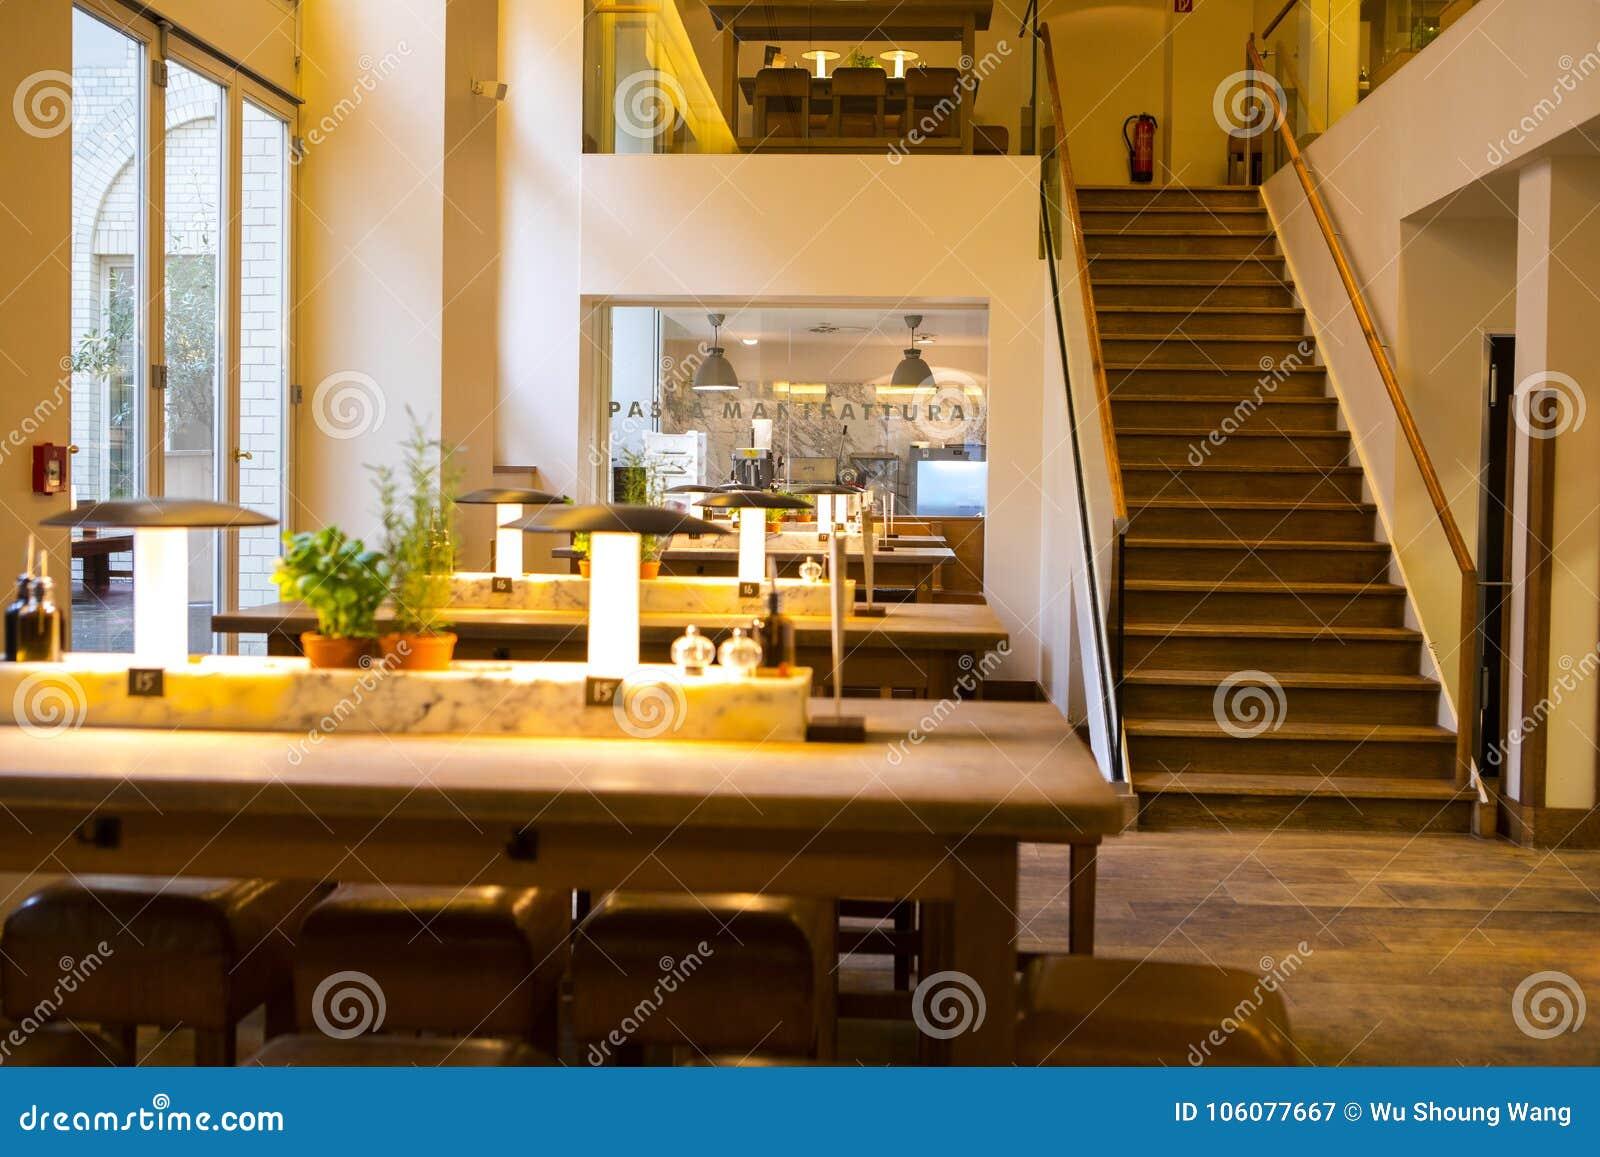 germany berlin italian restaurant buffet restaurant interior rh dreamstime com